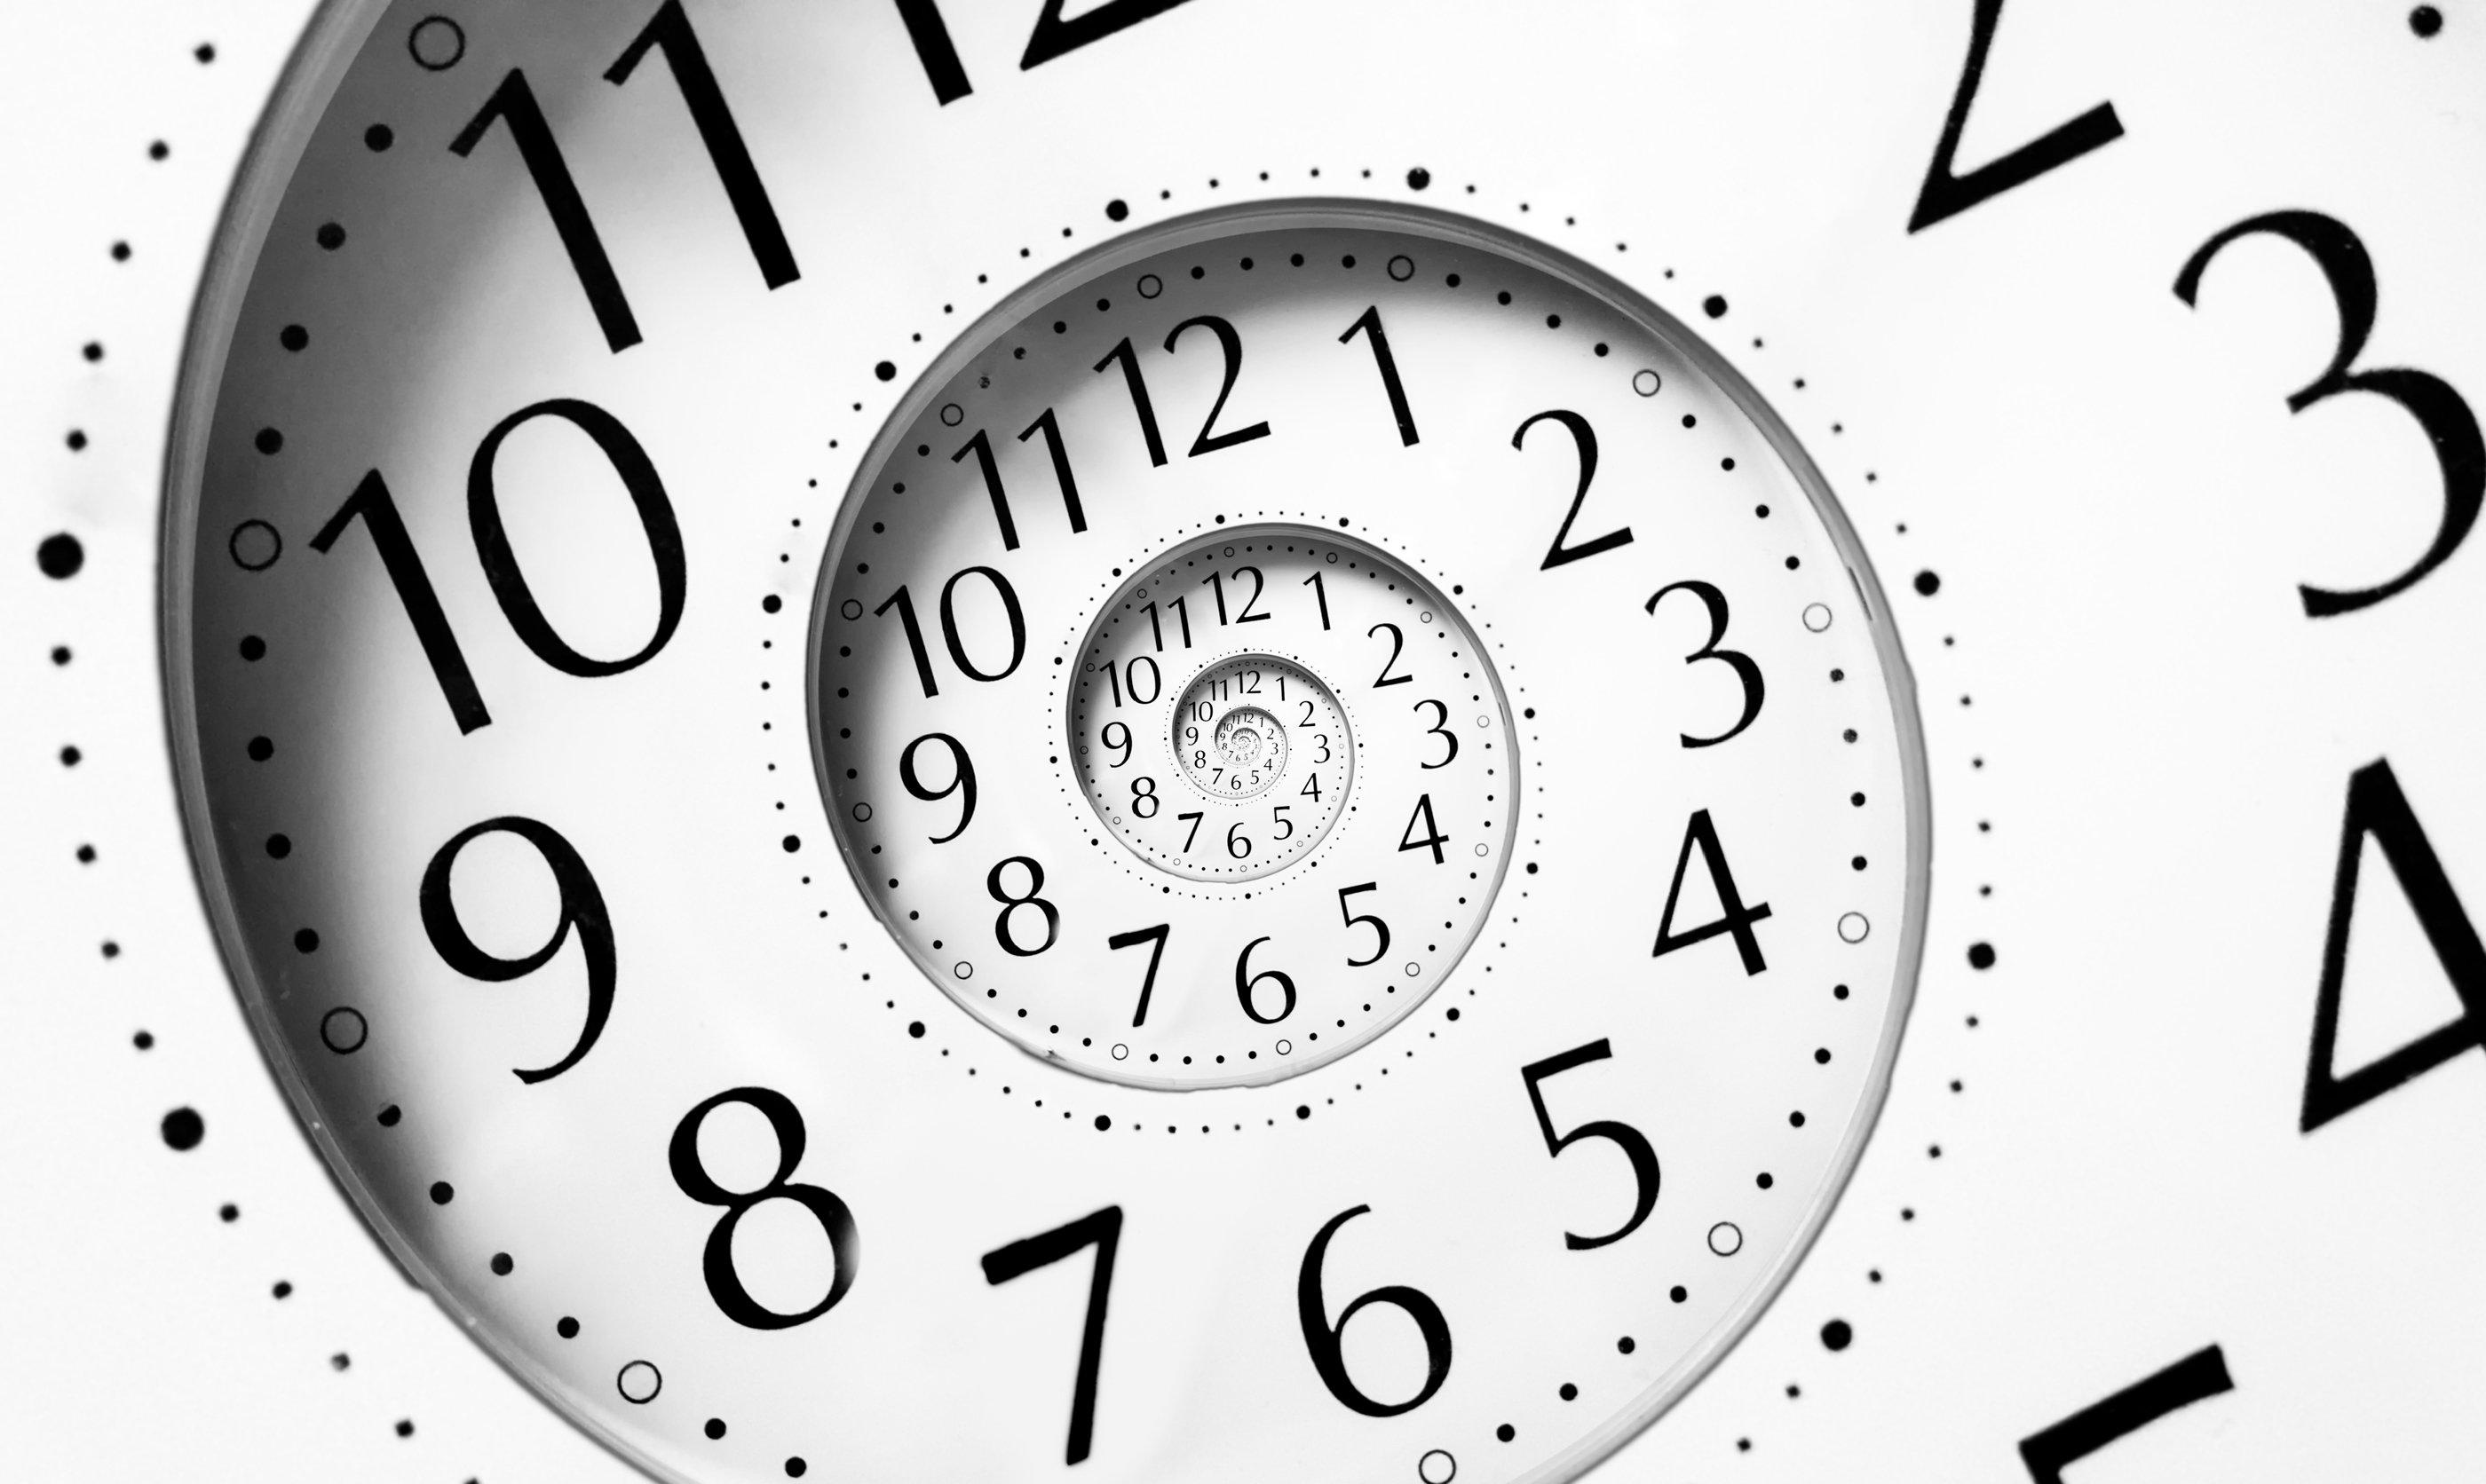 Procrastination is not a time management problem